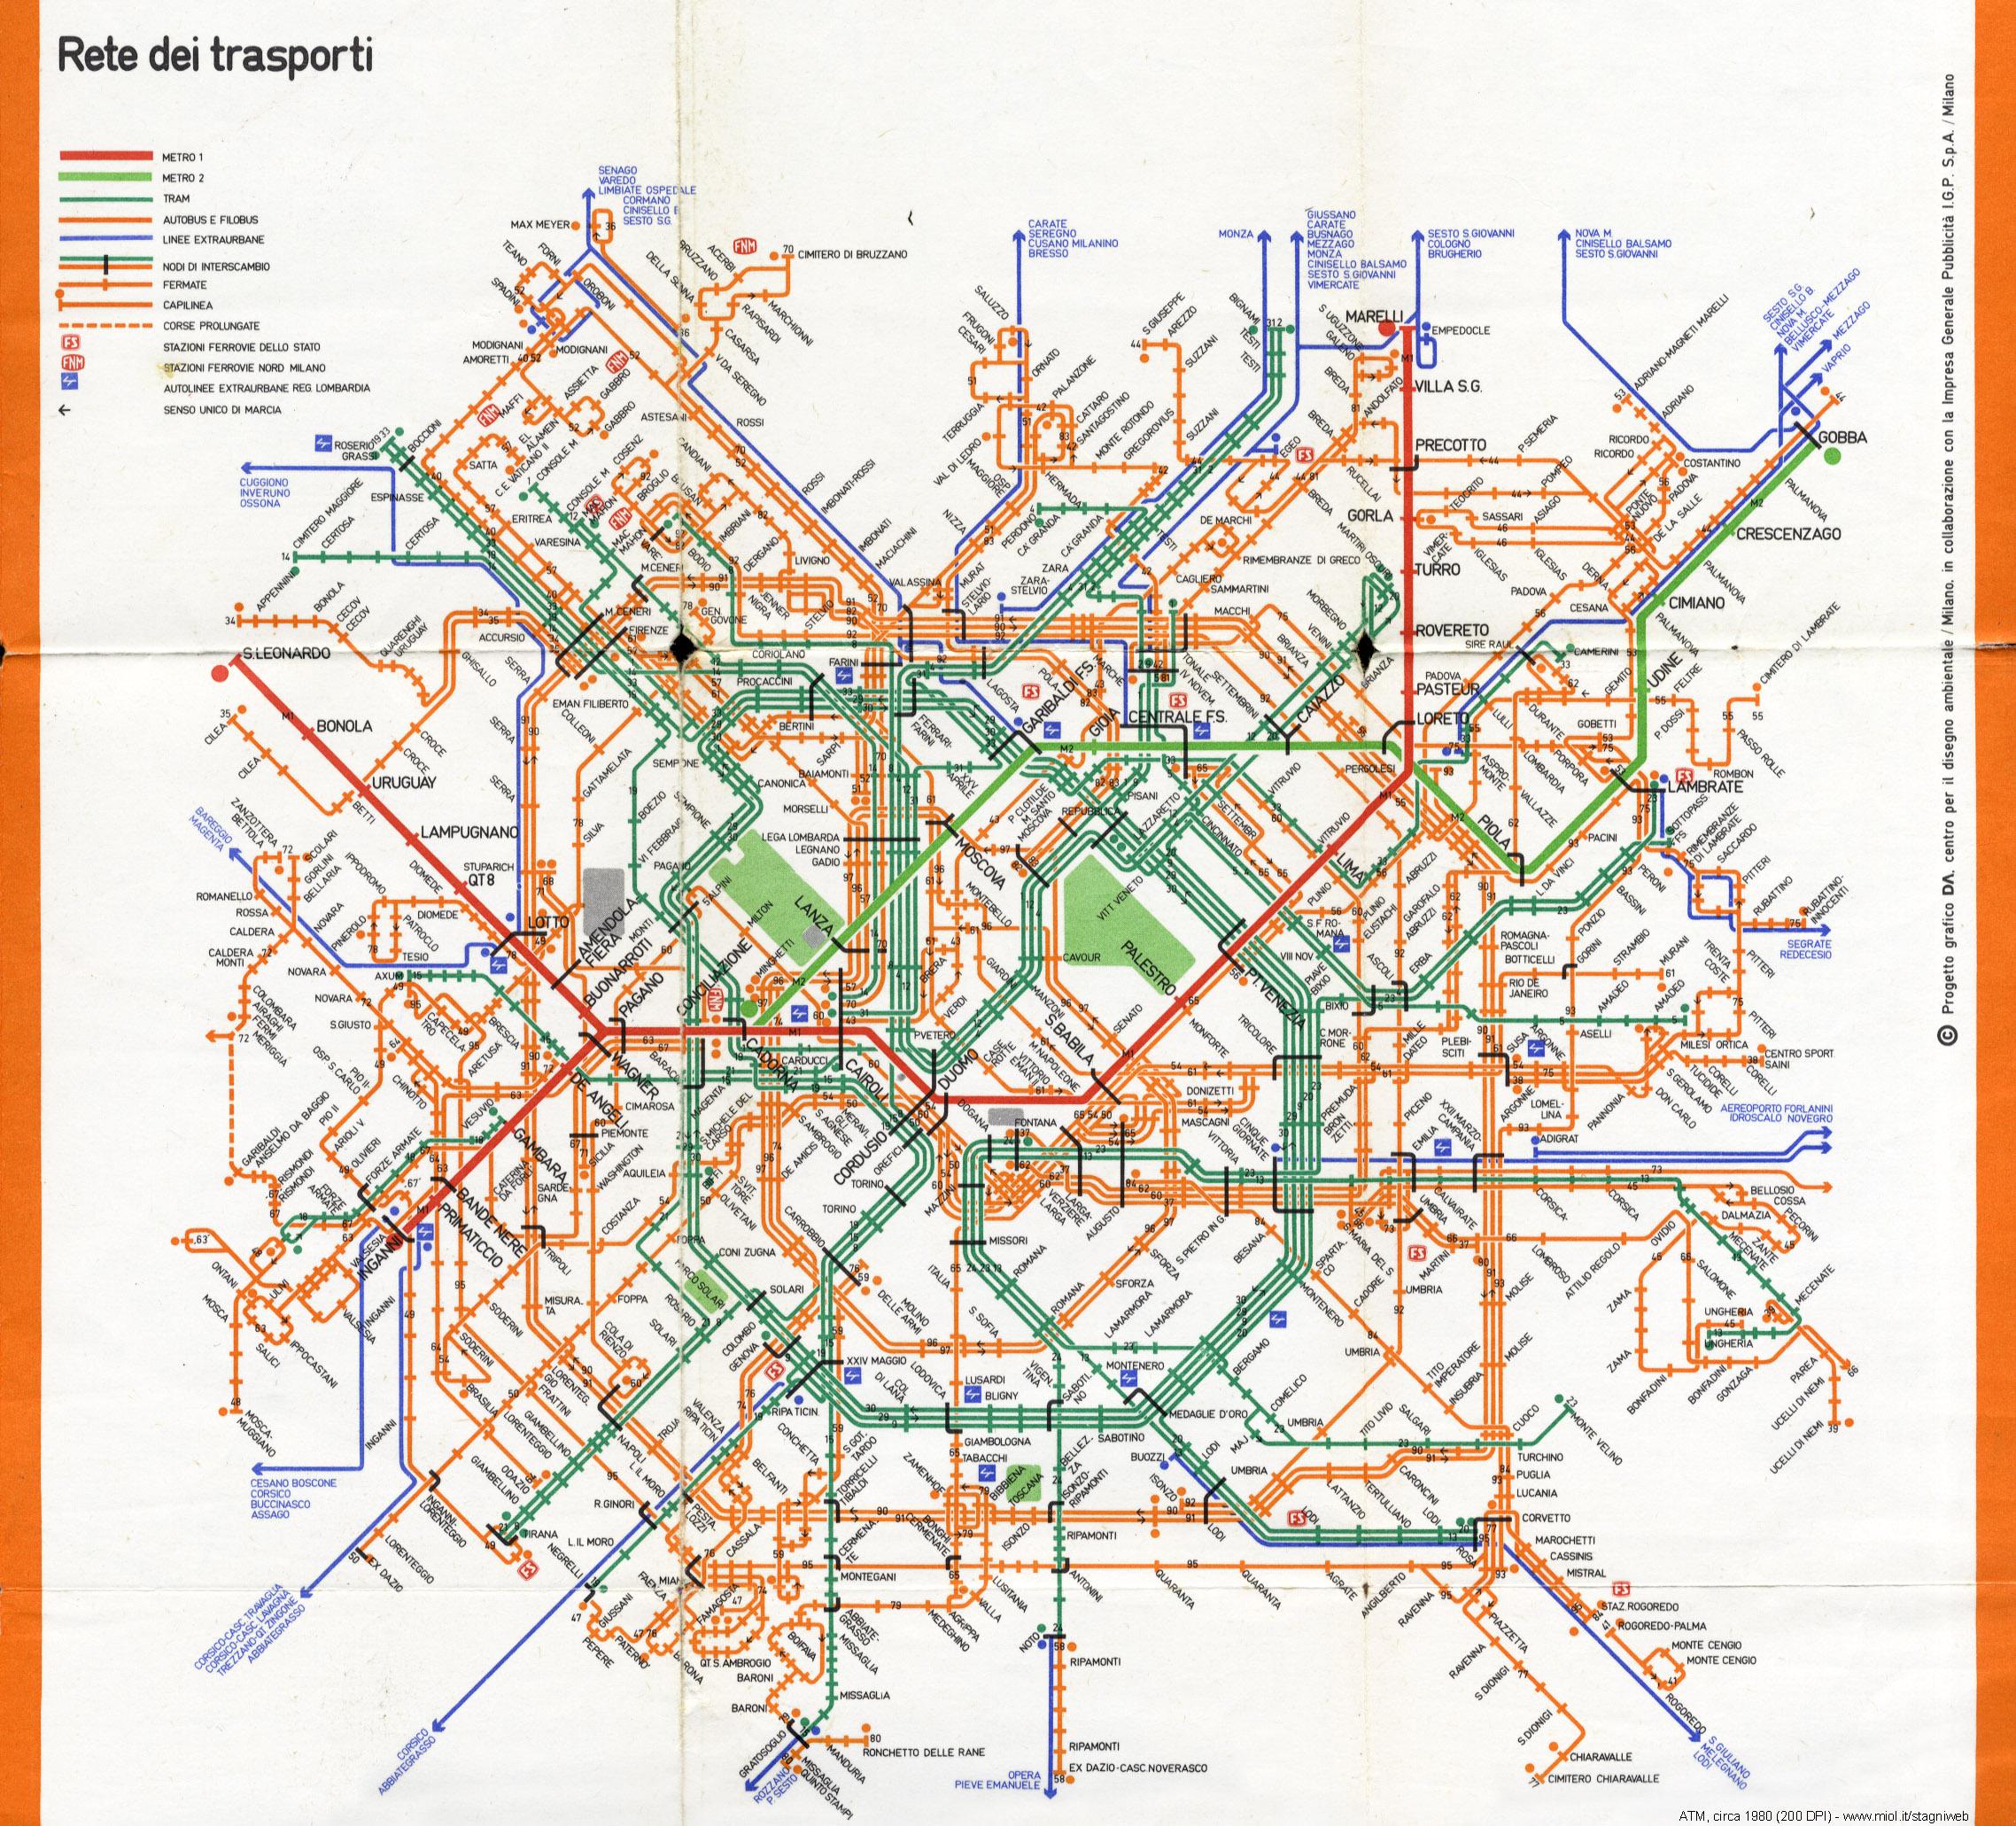 Cartina Milano Con Metro.Tram A Milano 1914 1982 Stagniweb